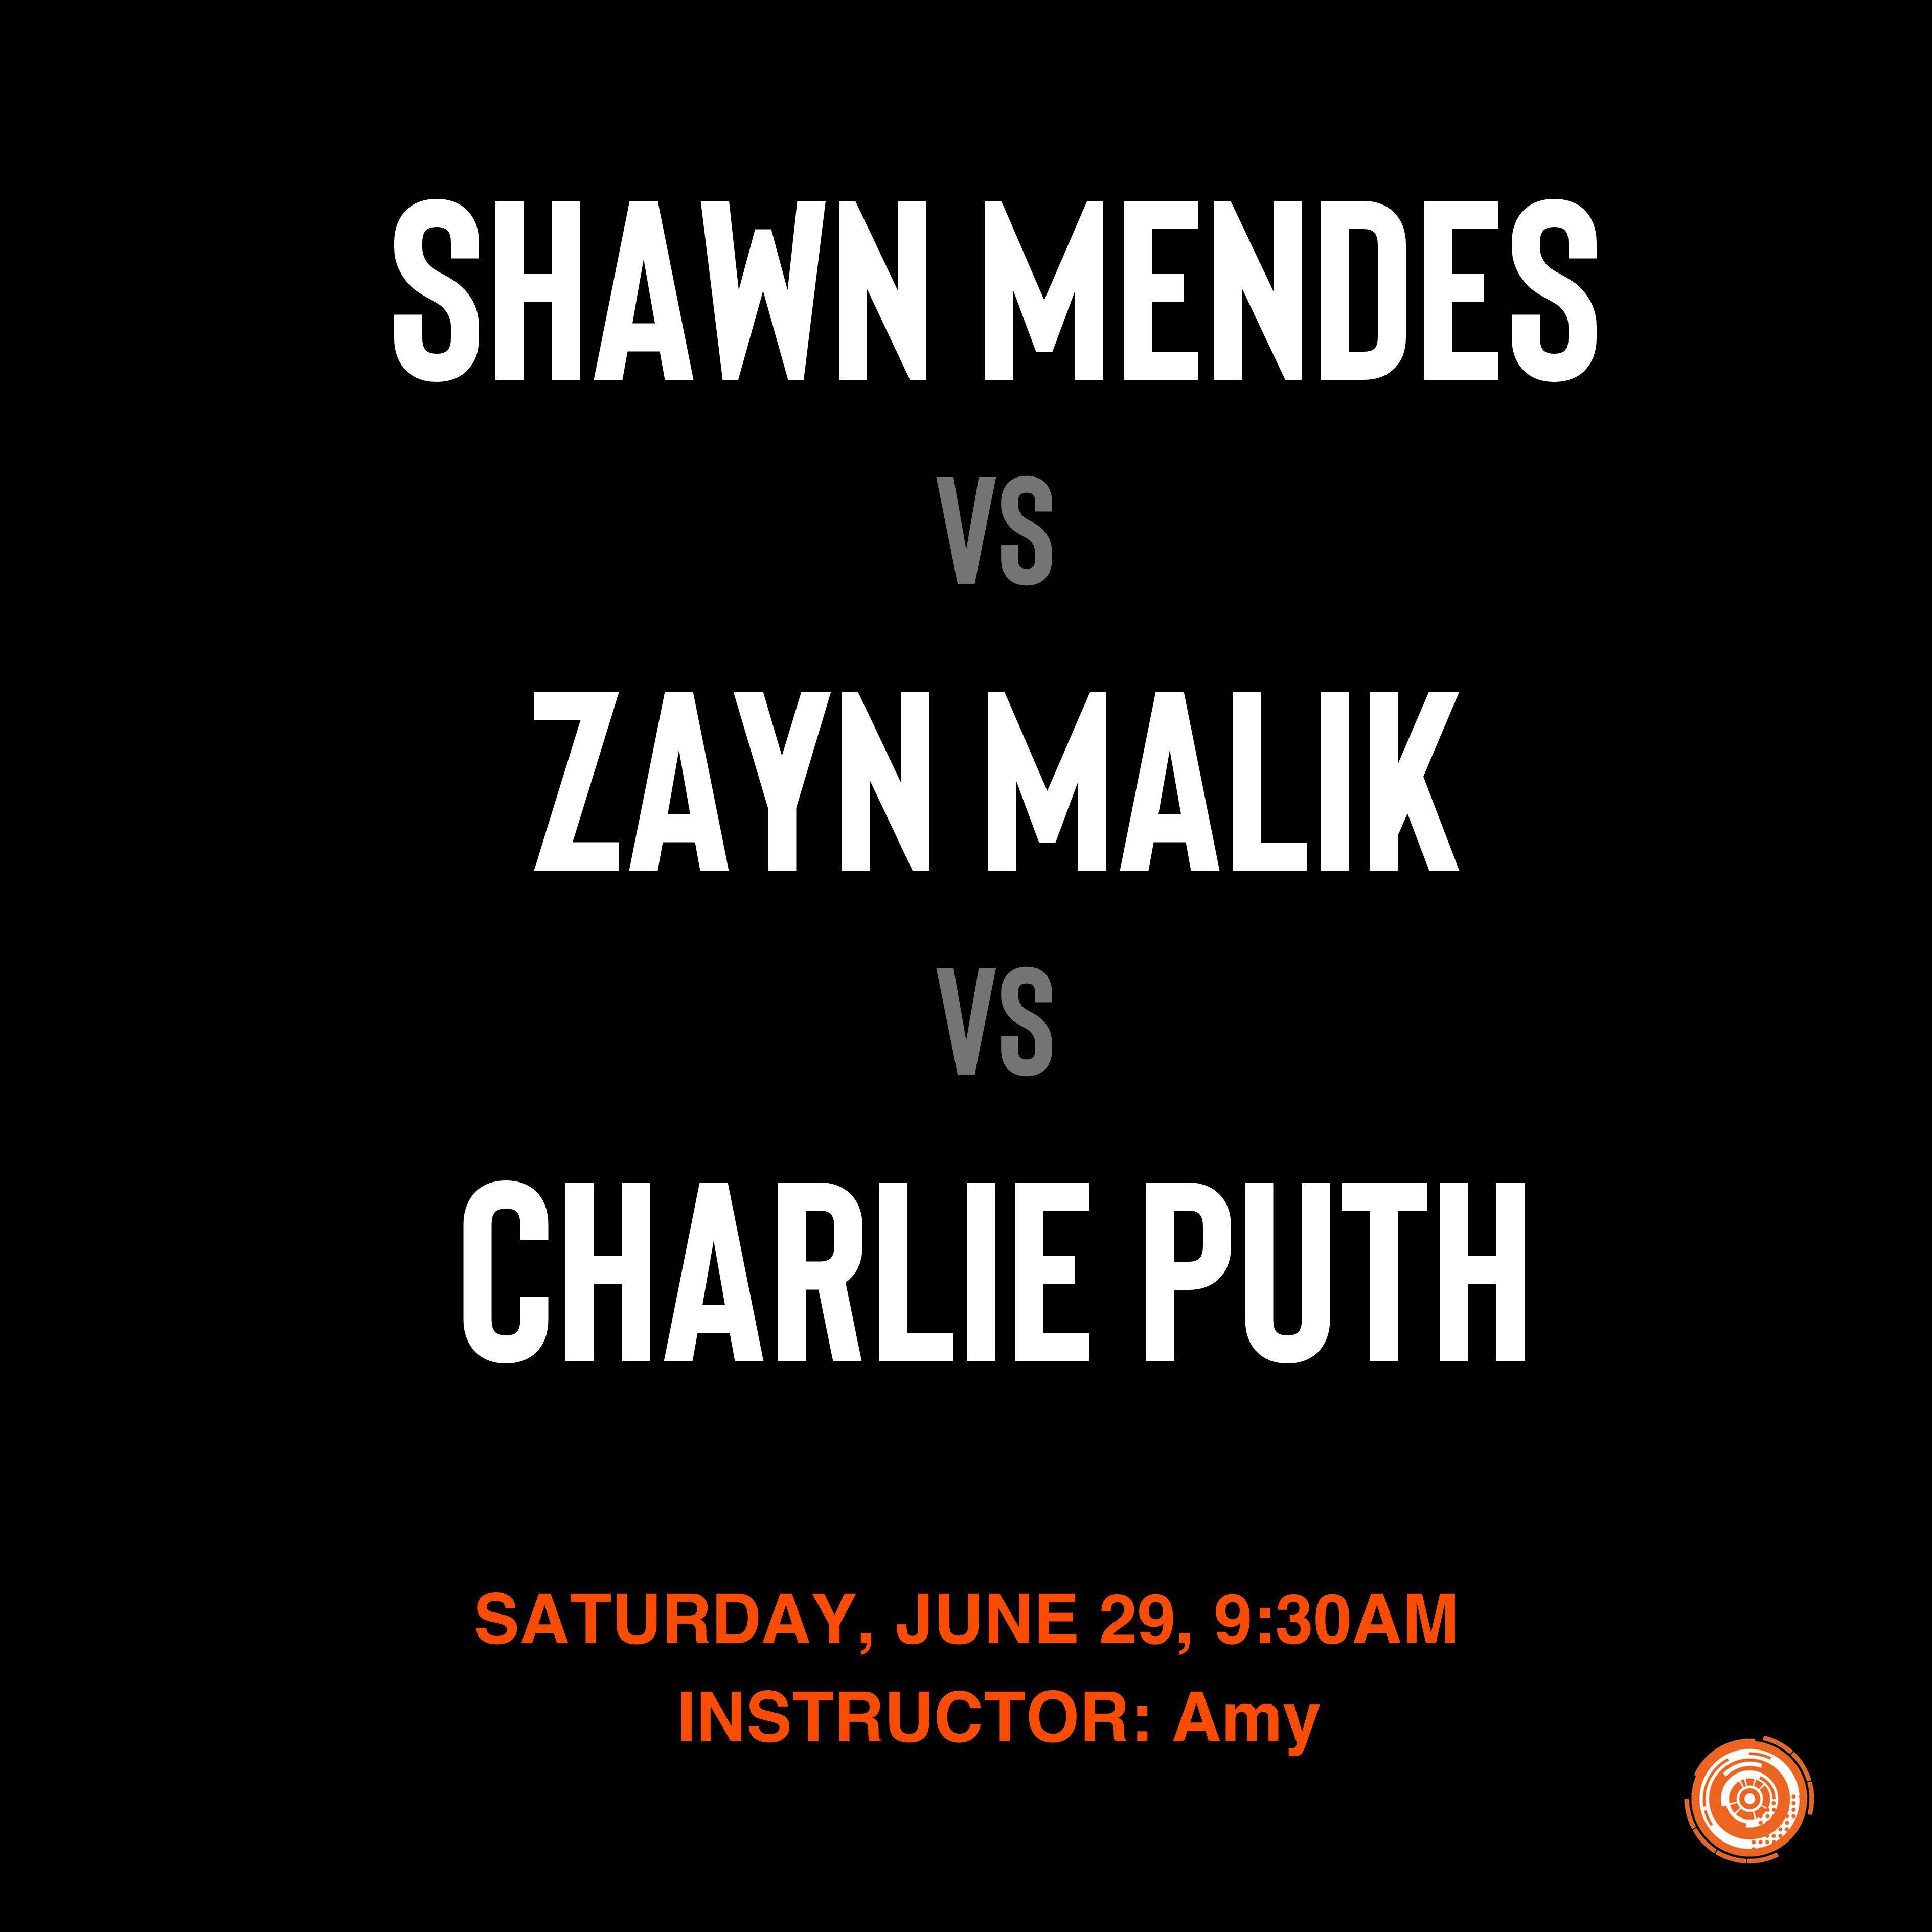 Shawn Mendes vs Zayn Malik vs Charlie Puth